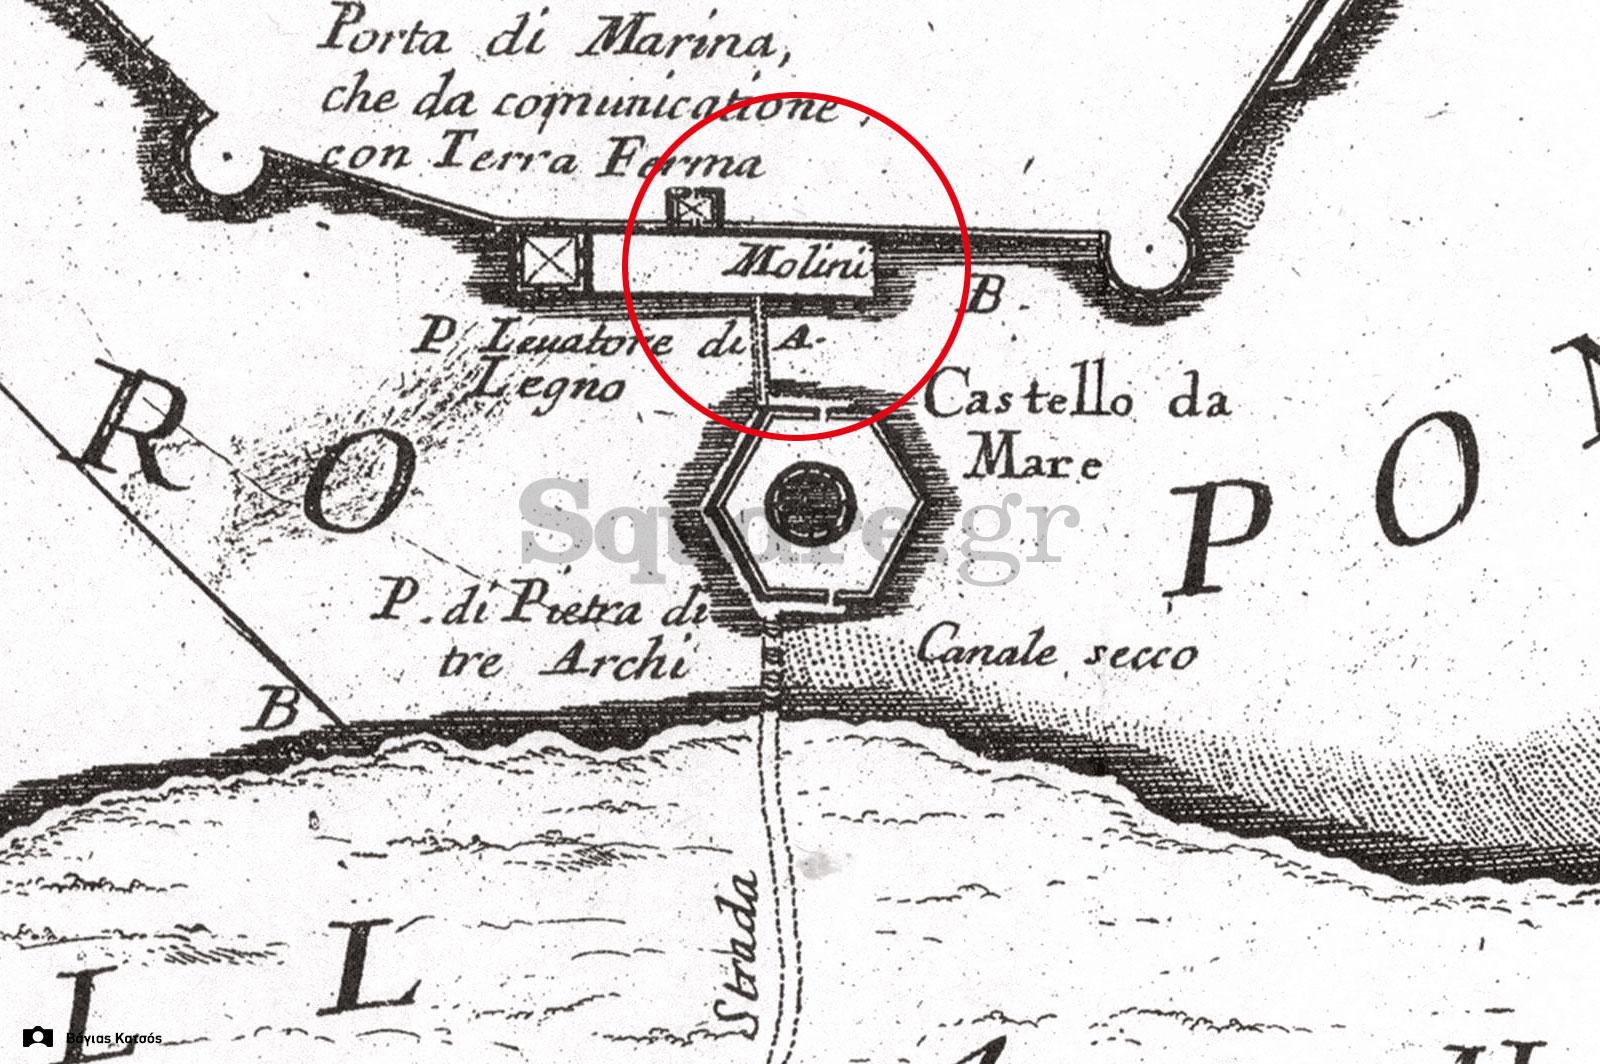 2-Απόσπασμα-από-χάρτη-του-V.-Μ.-Coronelli,-από-το-1688